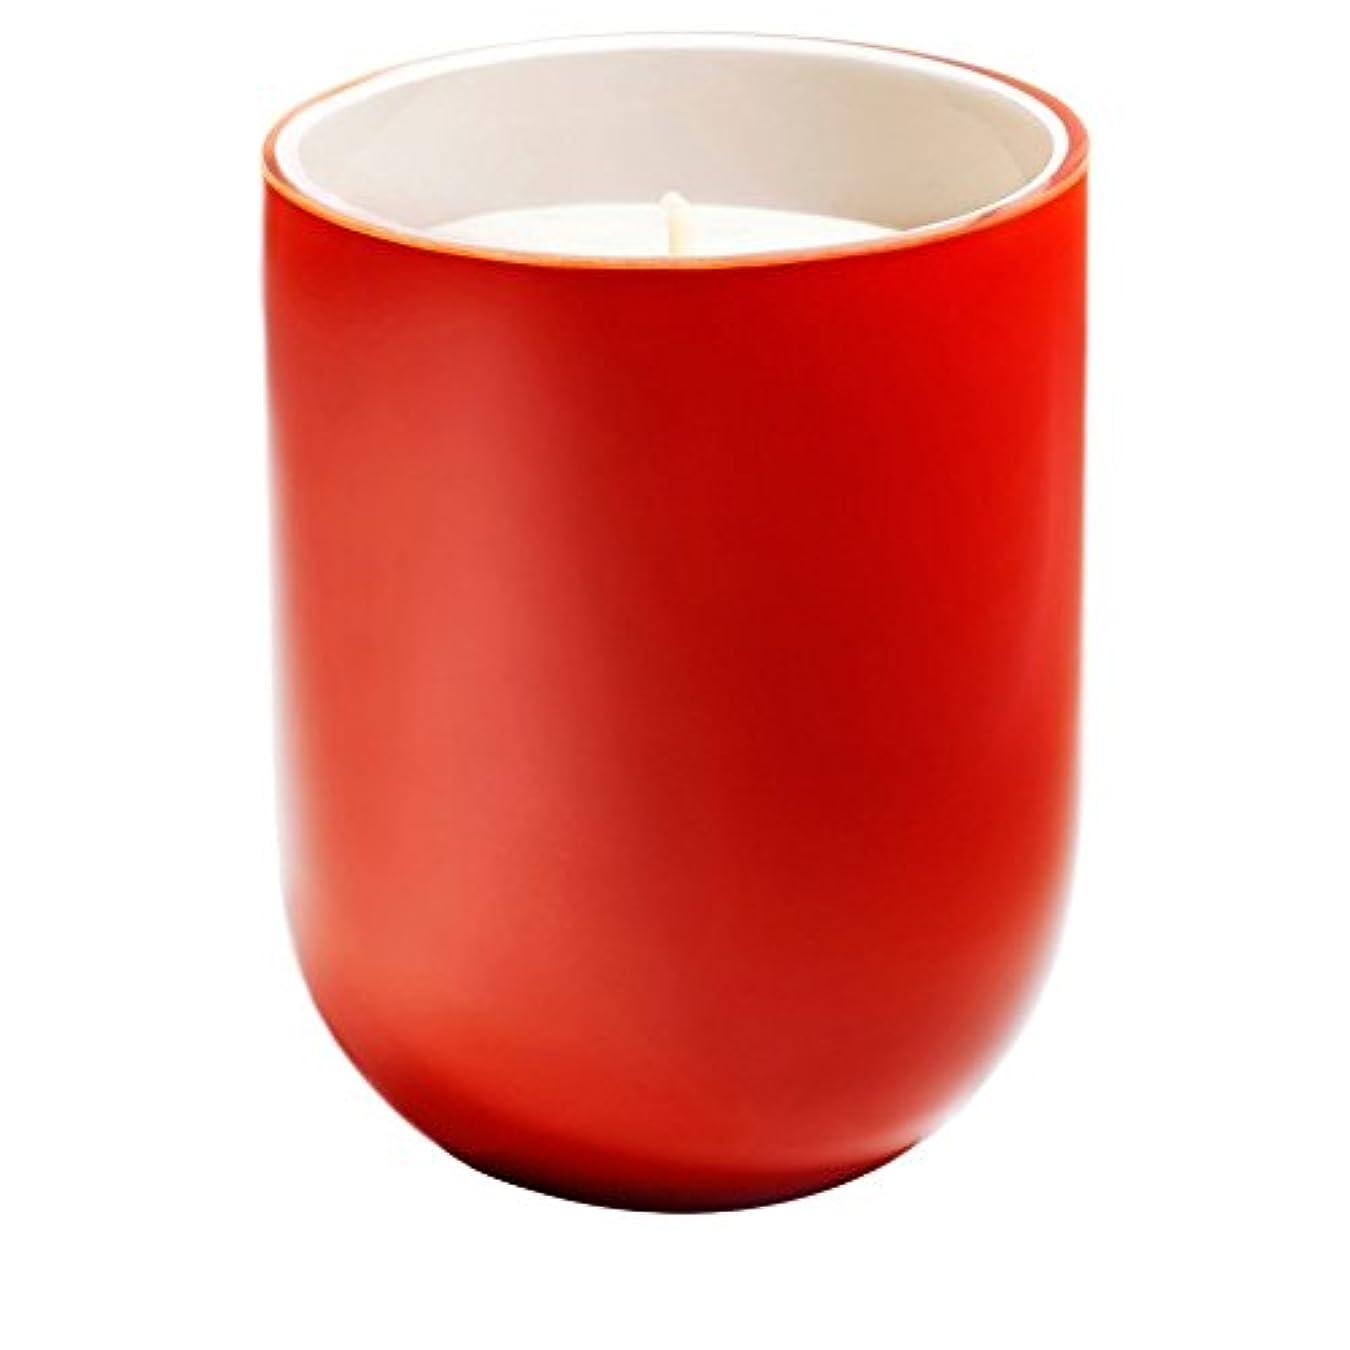 エーカー水星デザートFrederic Malle Un Gard?nia La Nuit Scented Candle (Pack of 4) - フレデリック?マル国連ガーデニア?ラ?ニュイ香りのキャンドル x4 [並行輸入品]